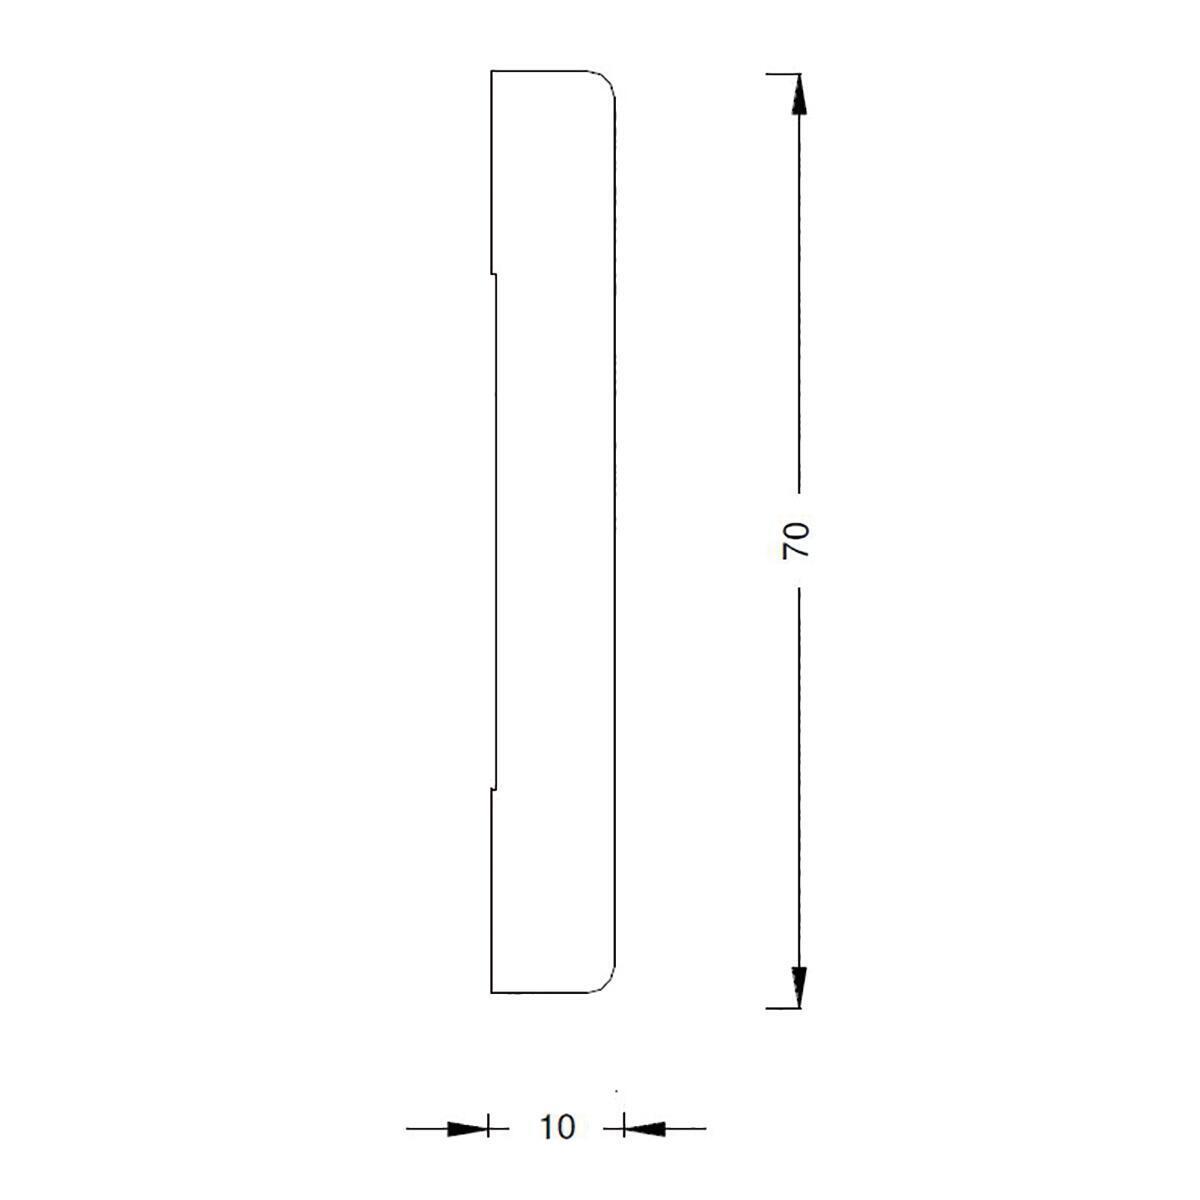 Coprifilo in legno legno massello naturale L 2250 x P 10 x H 70 mm - 4